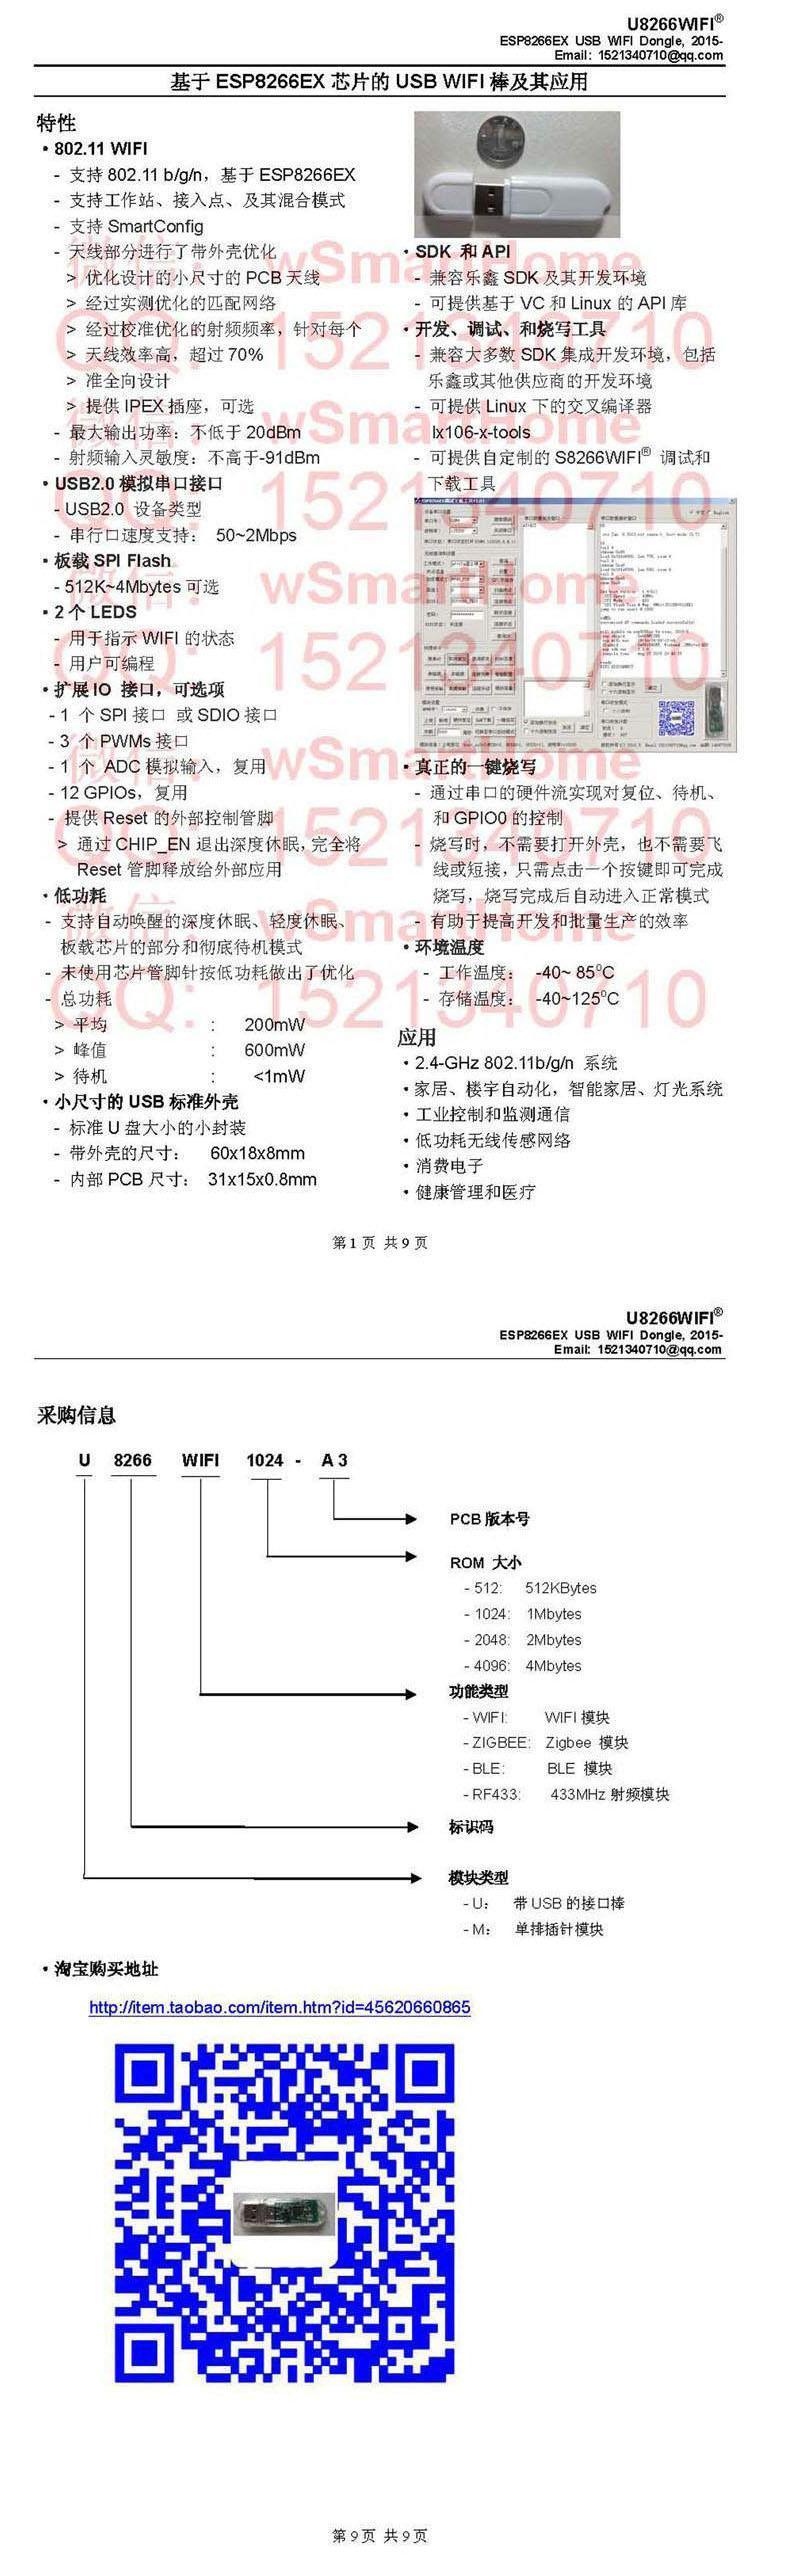 U8266WIFI产品简介